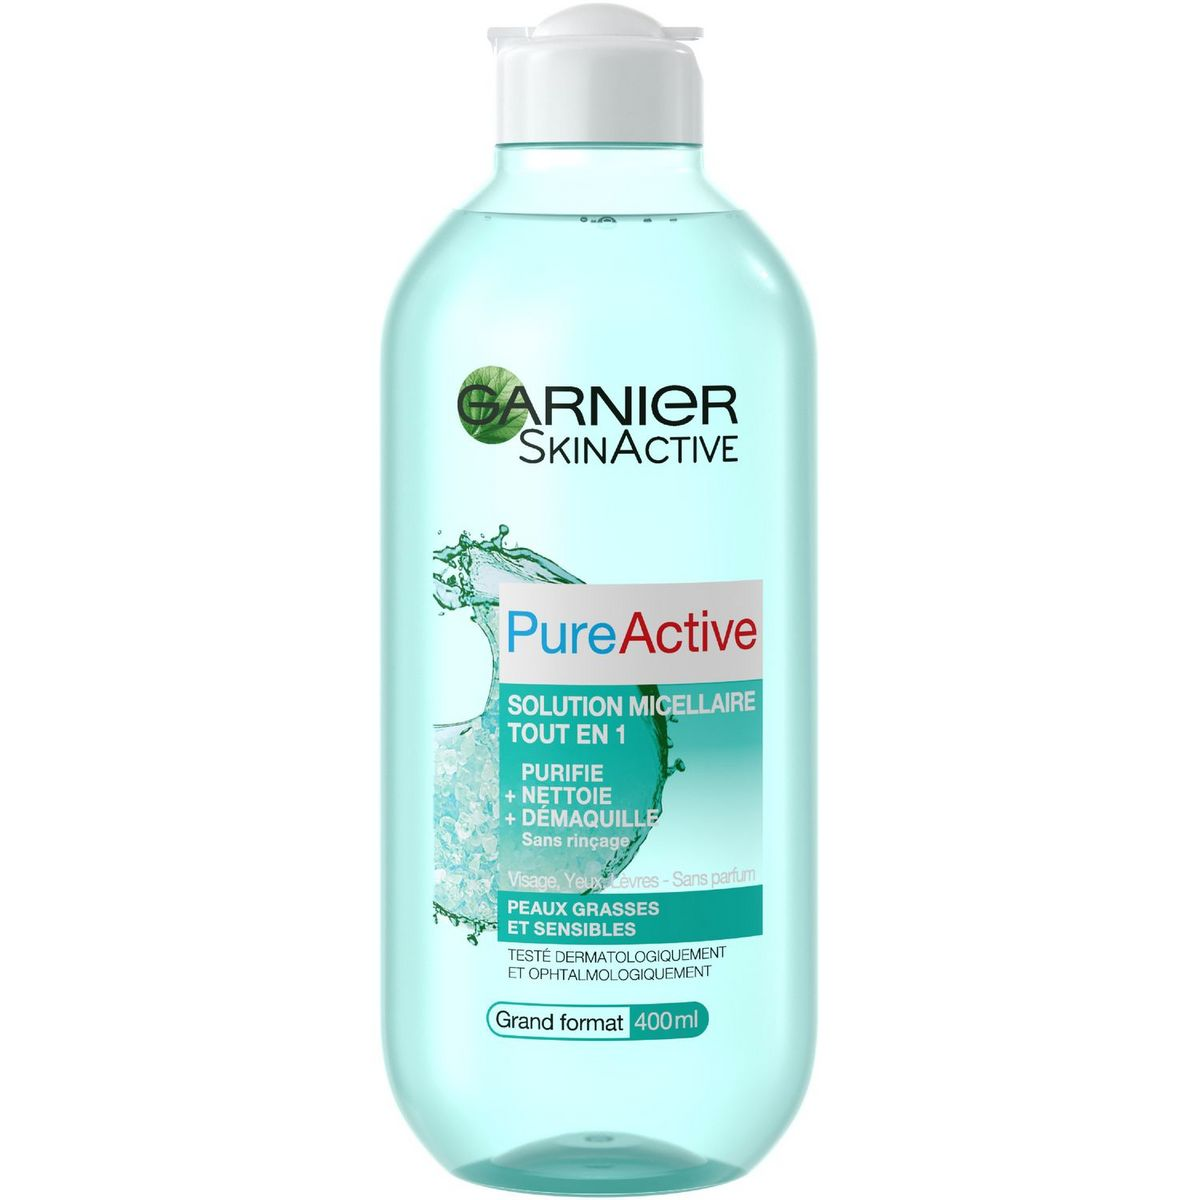 Garnier PureActive solution micellaire peaux mixtes, grasses et sensibles